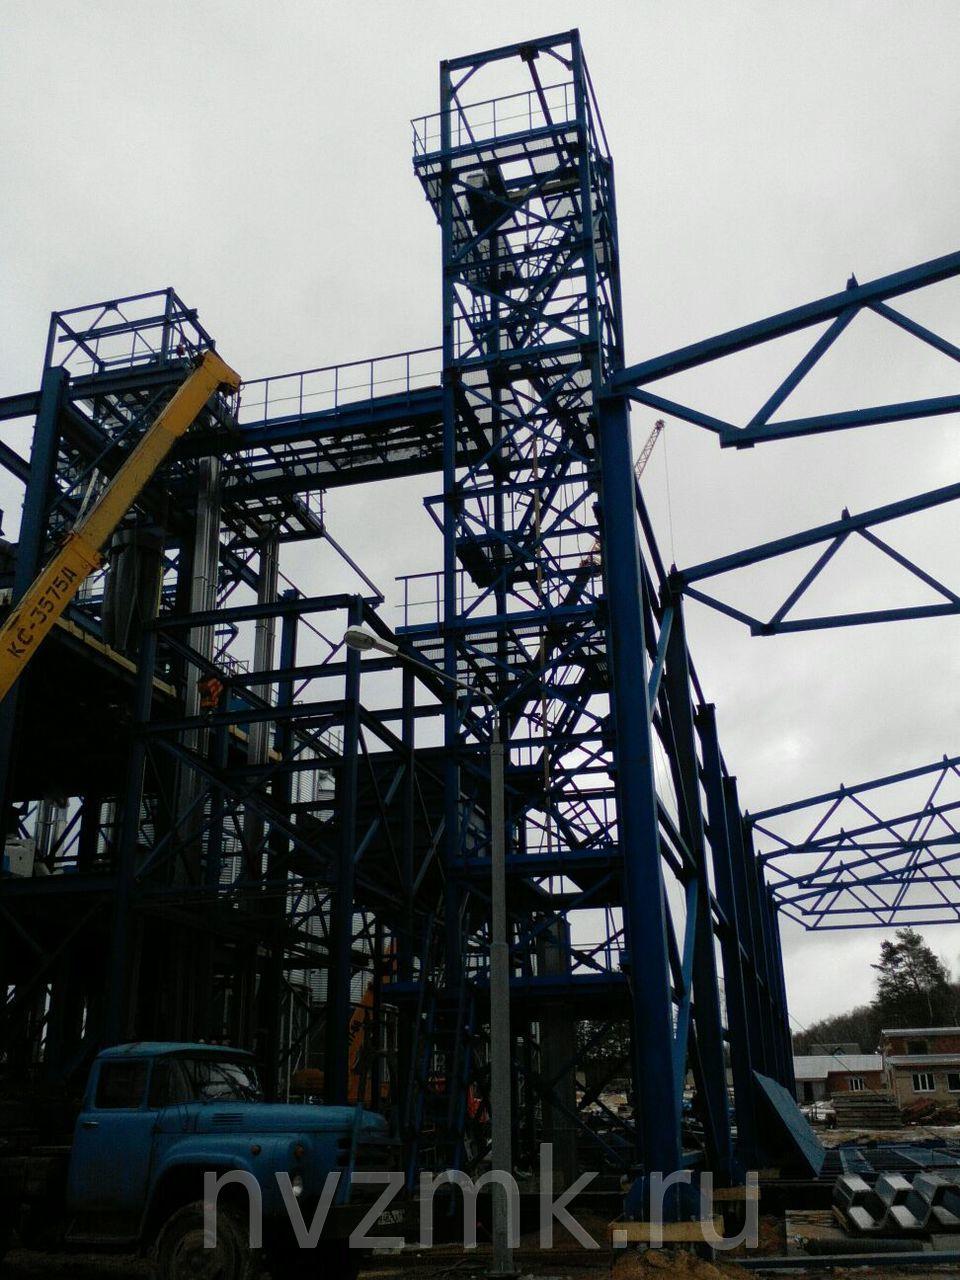 Производство стальных конструкций цеха обработки сельскохозяйственной продукции